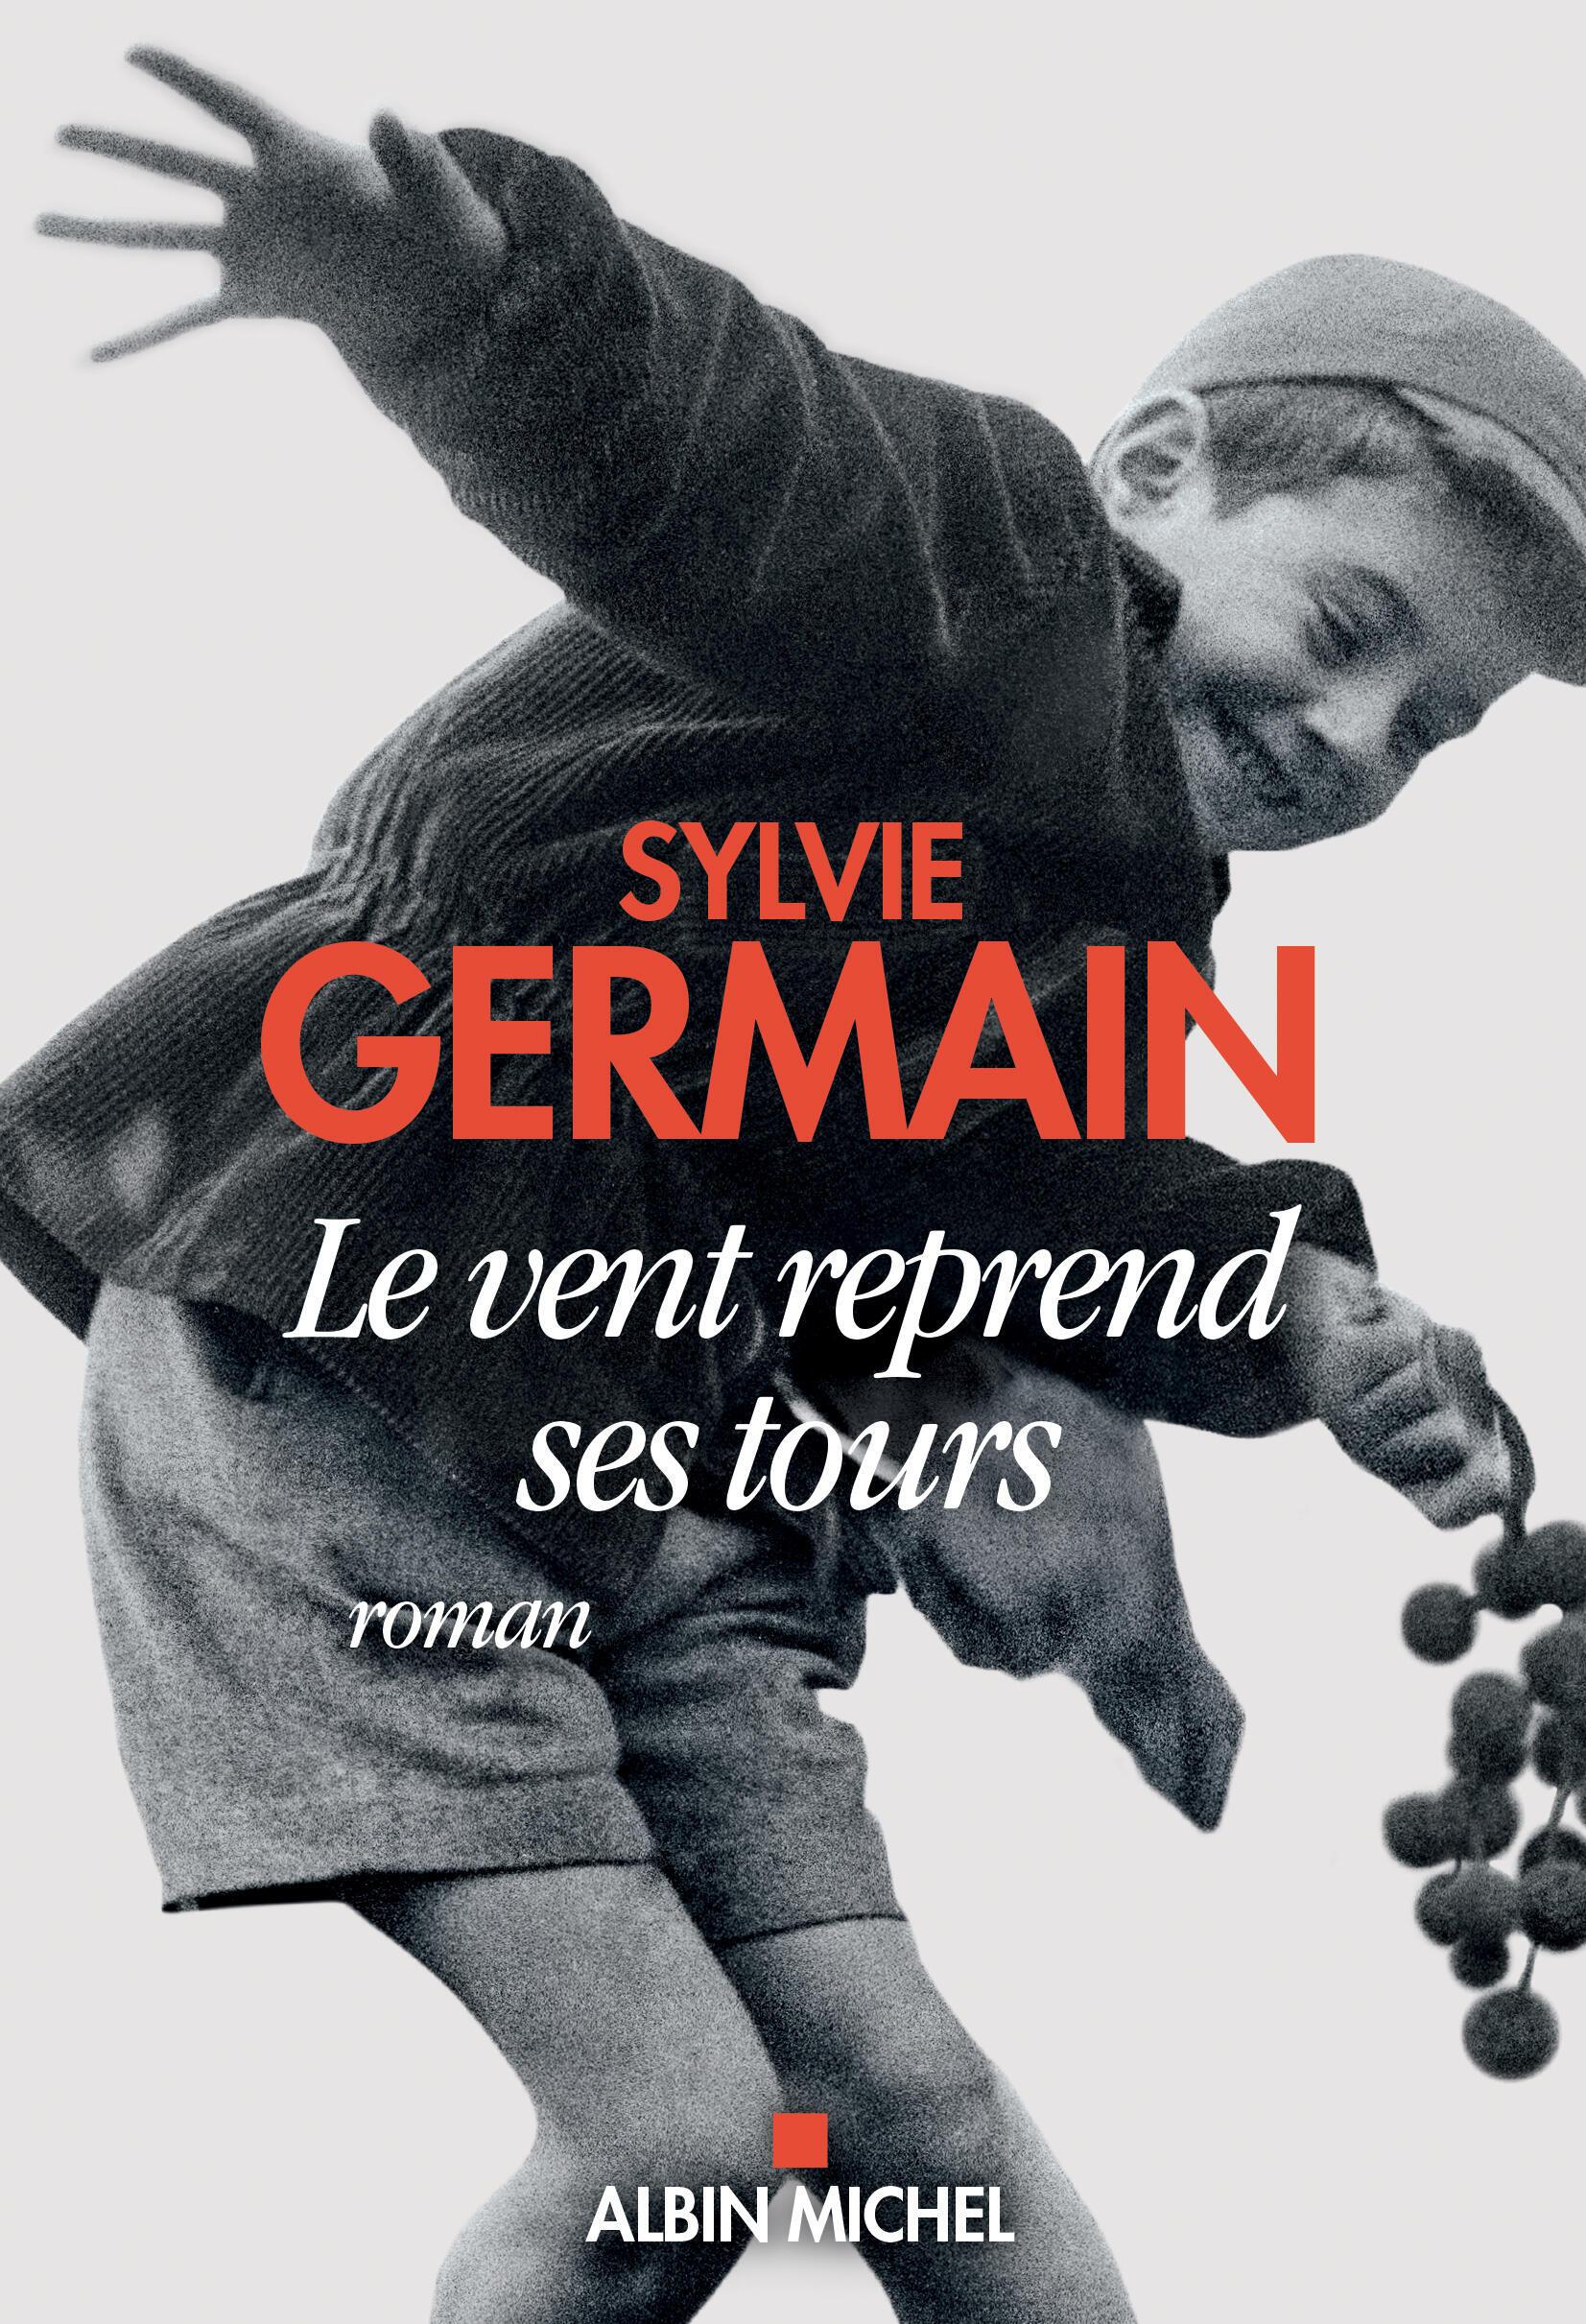 Couverture du nouveau roman de Sylvie Germain